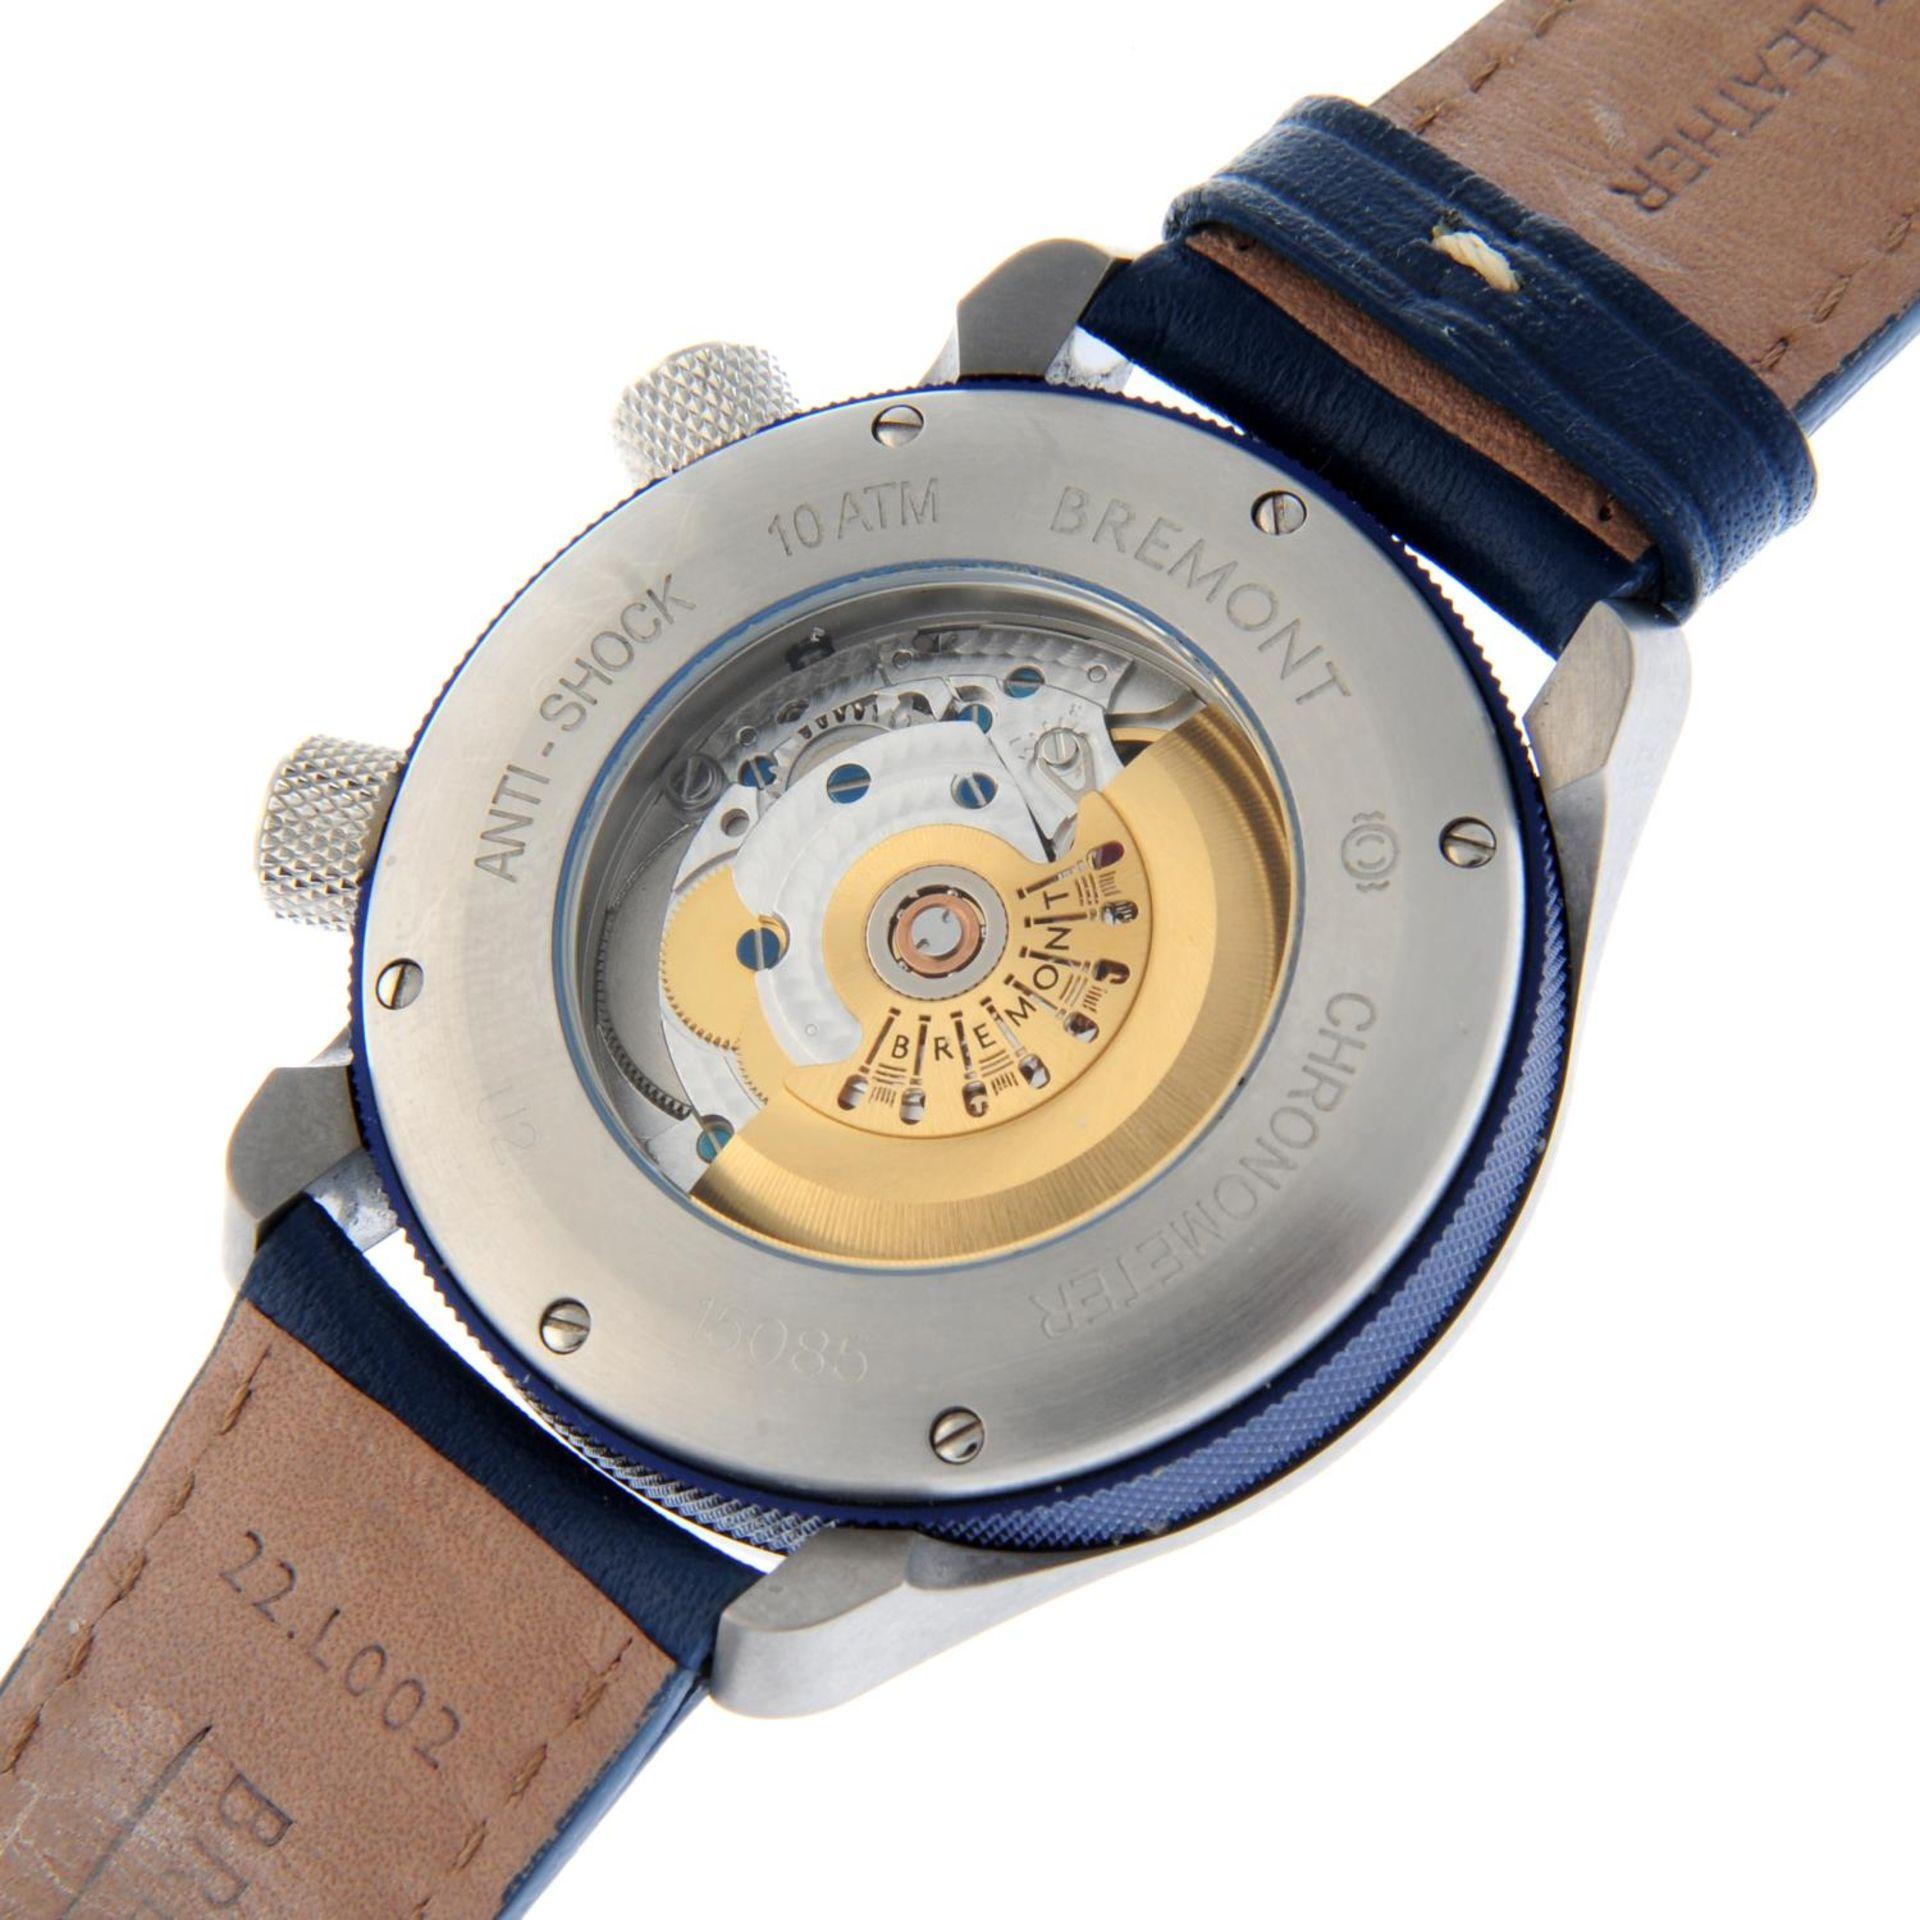 BREMONT - a U2 wrist watch. - Bild 5 aus 6